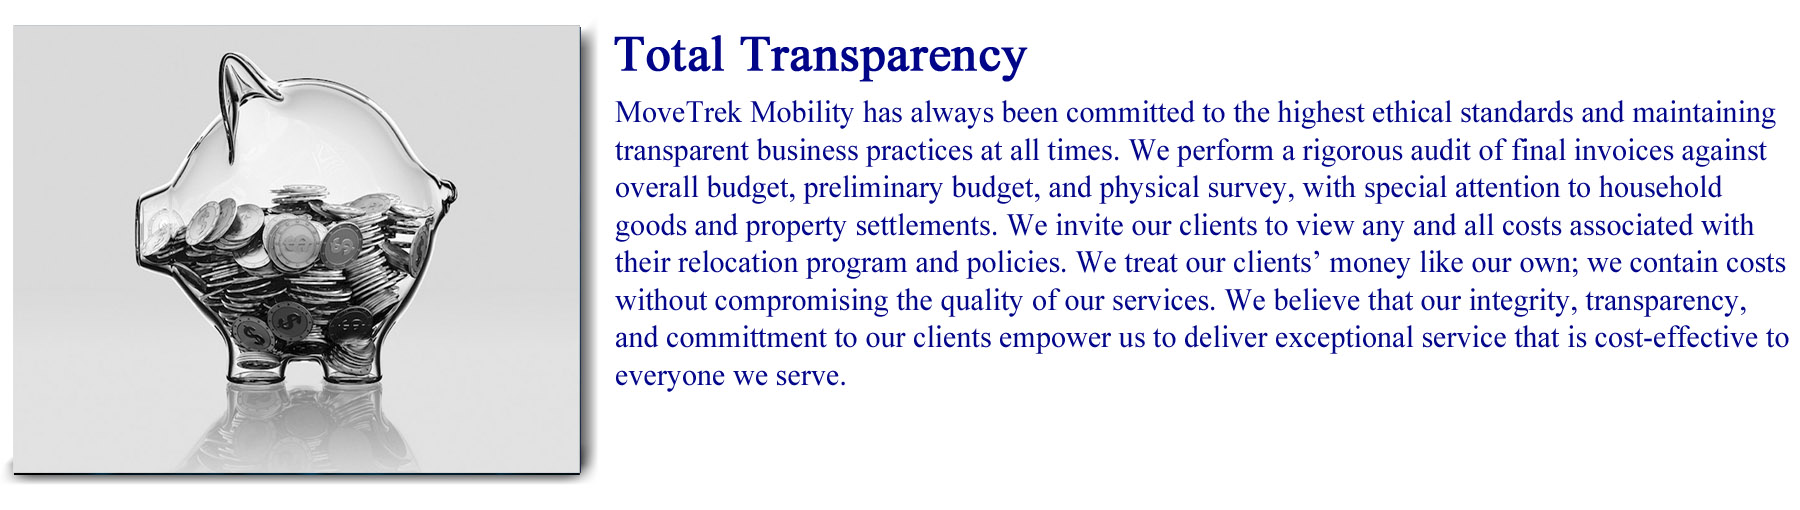 transparency 2.jpg